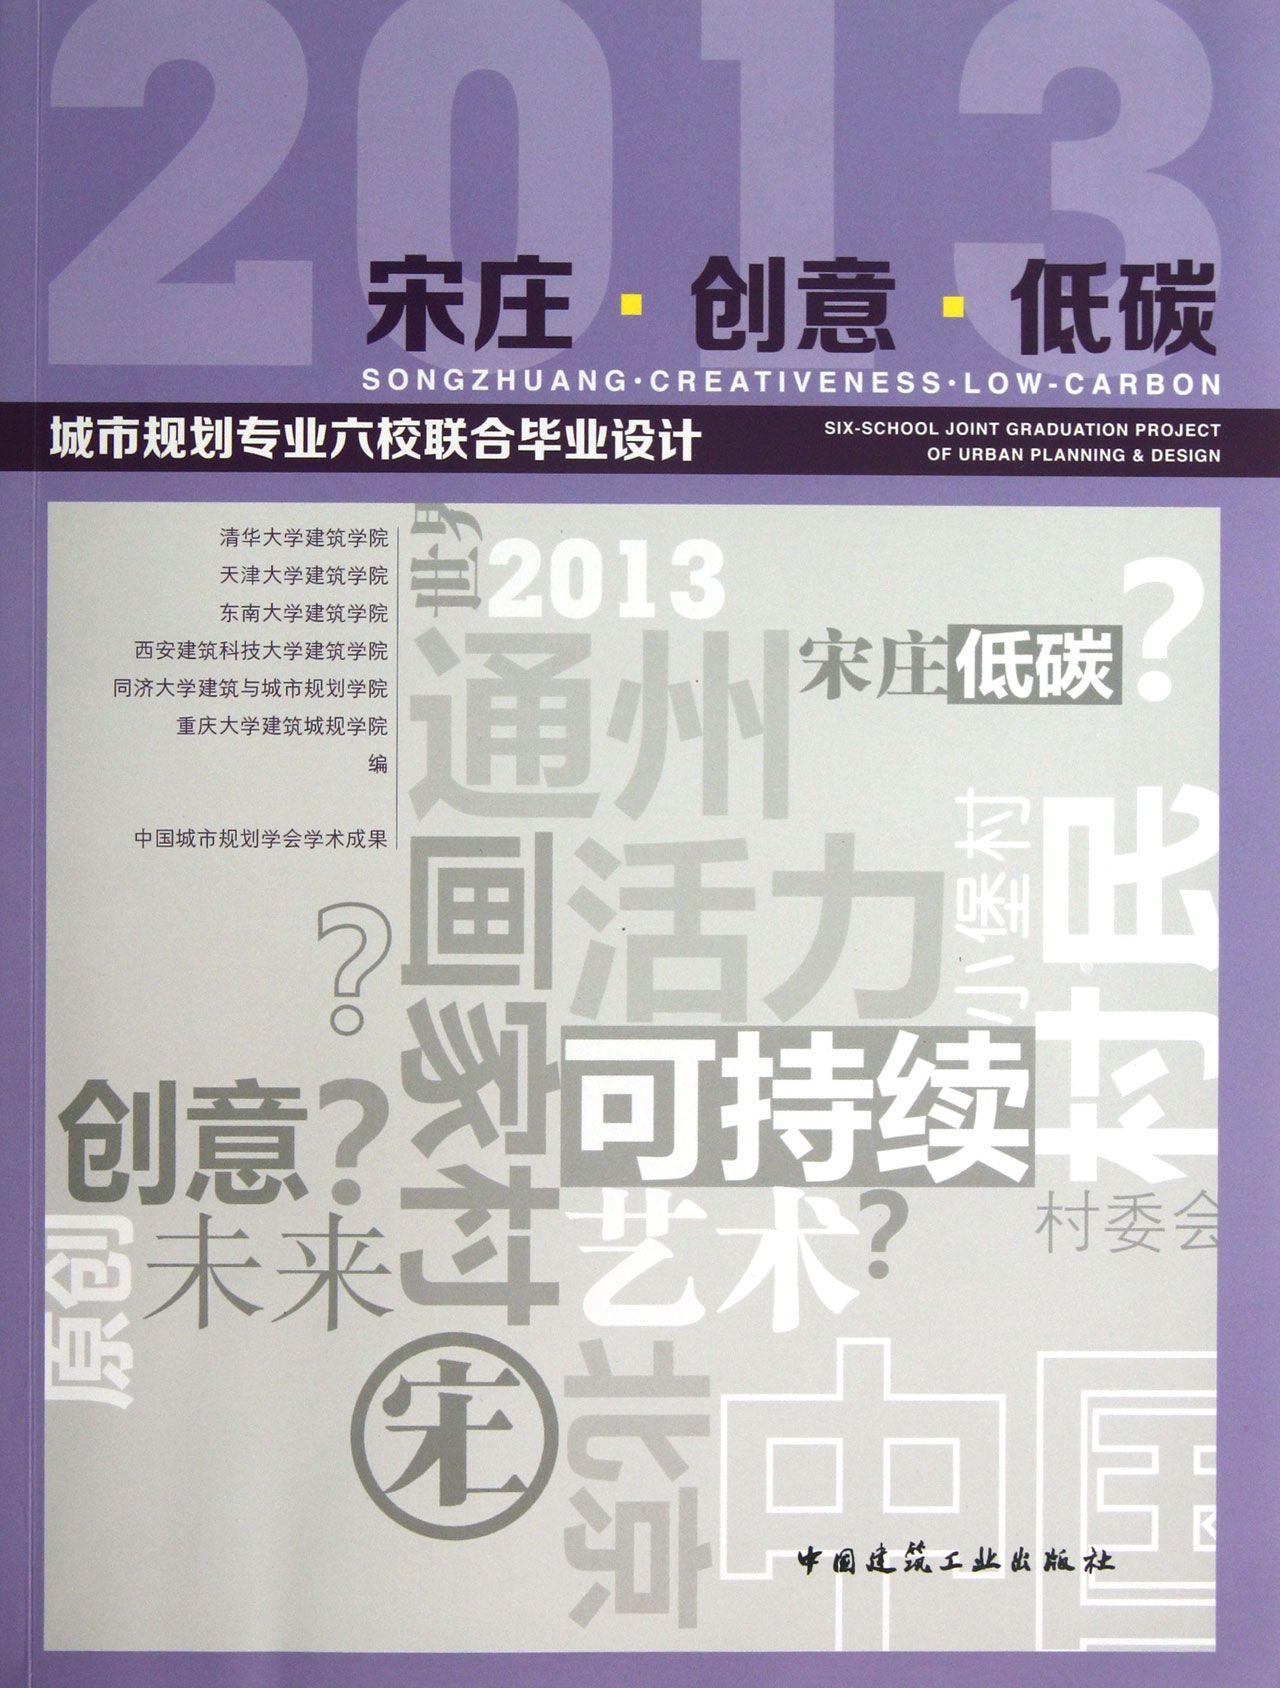 宋庄创意低碳(2013城市规划专业六校联合毕业设计)